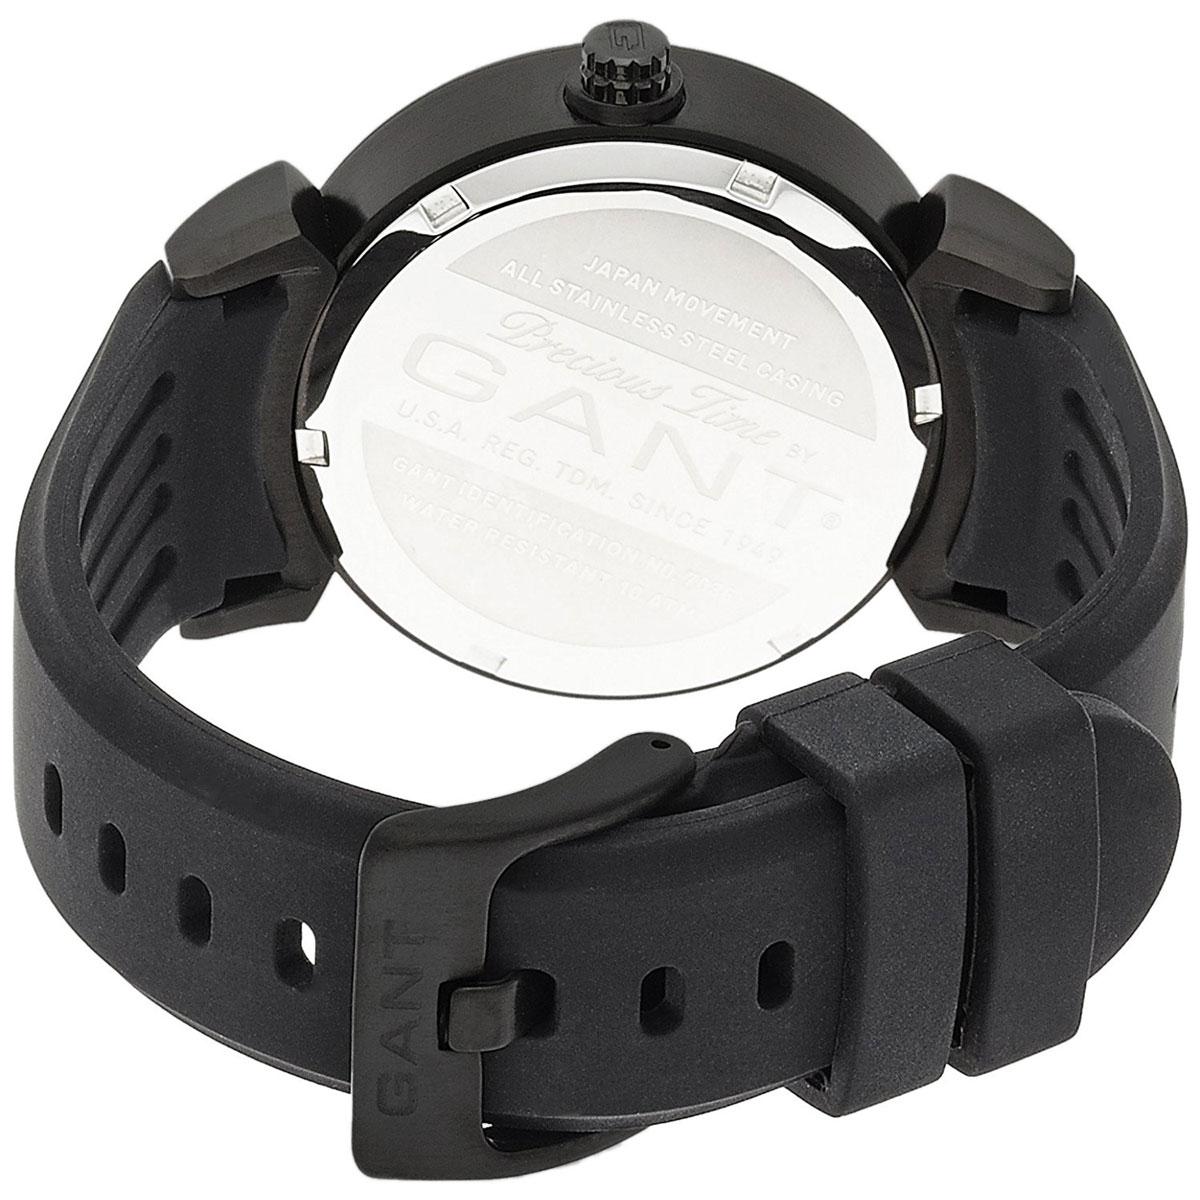 【残り1点】GANT ガント 電池式クォーツ 腕時計 [W70361] 並行輸入品 ブラック(黒)